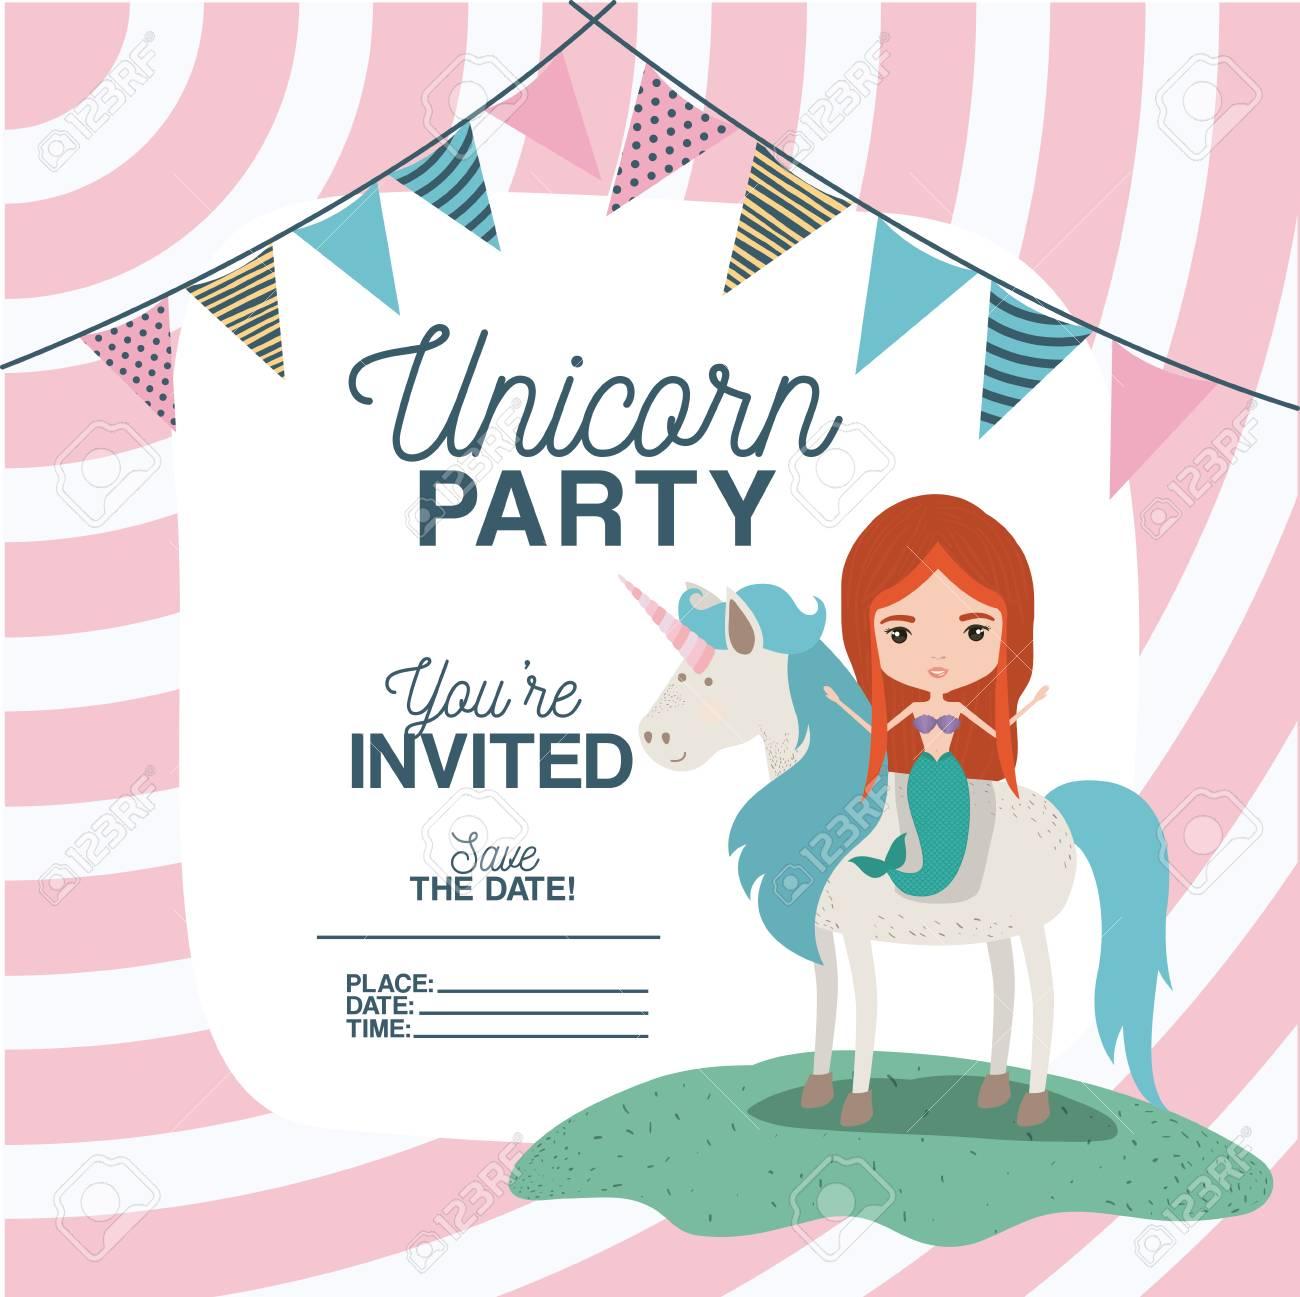 Sirena Con Unicornio Tarjeta De Invitación Ilustración Vectorial De Diseño